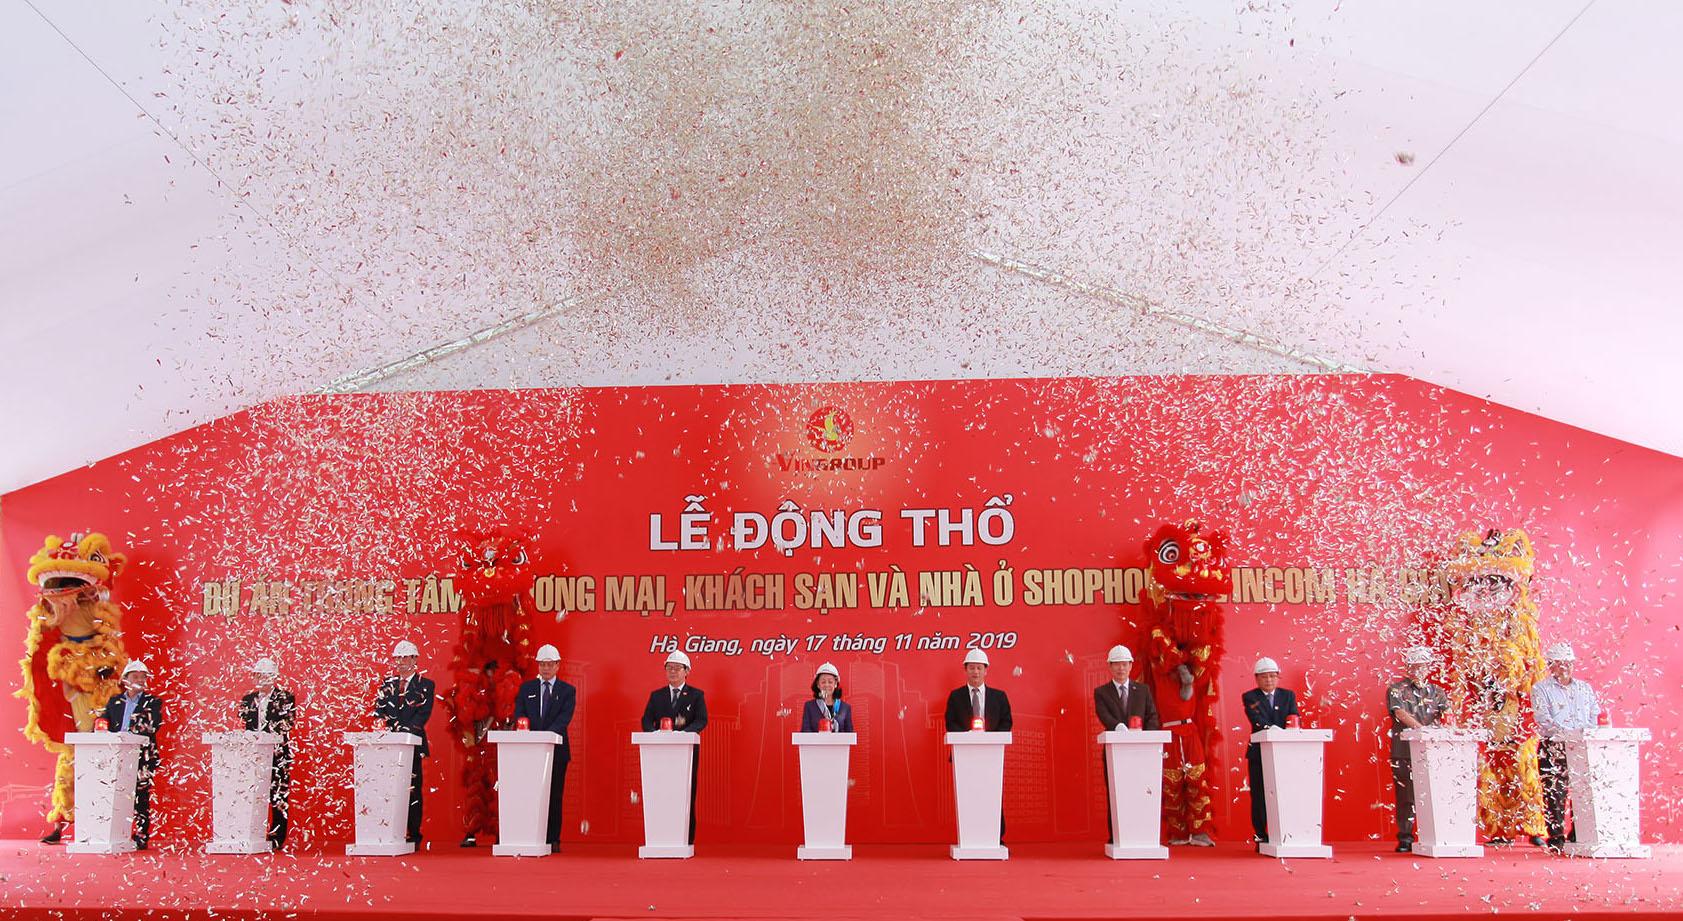 dự án TTTM khách sạn và nhà ở Shophouse Vincom Hà Giang